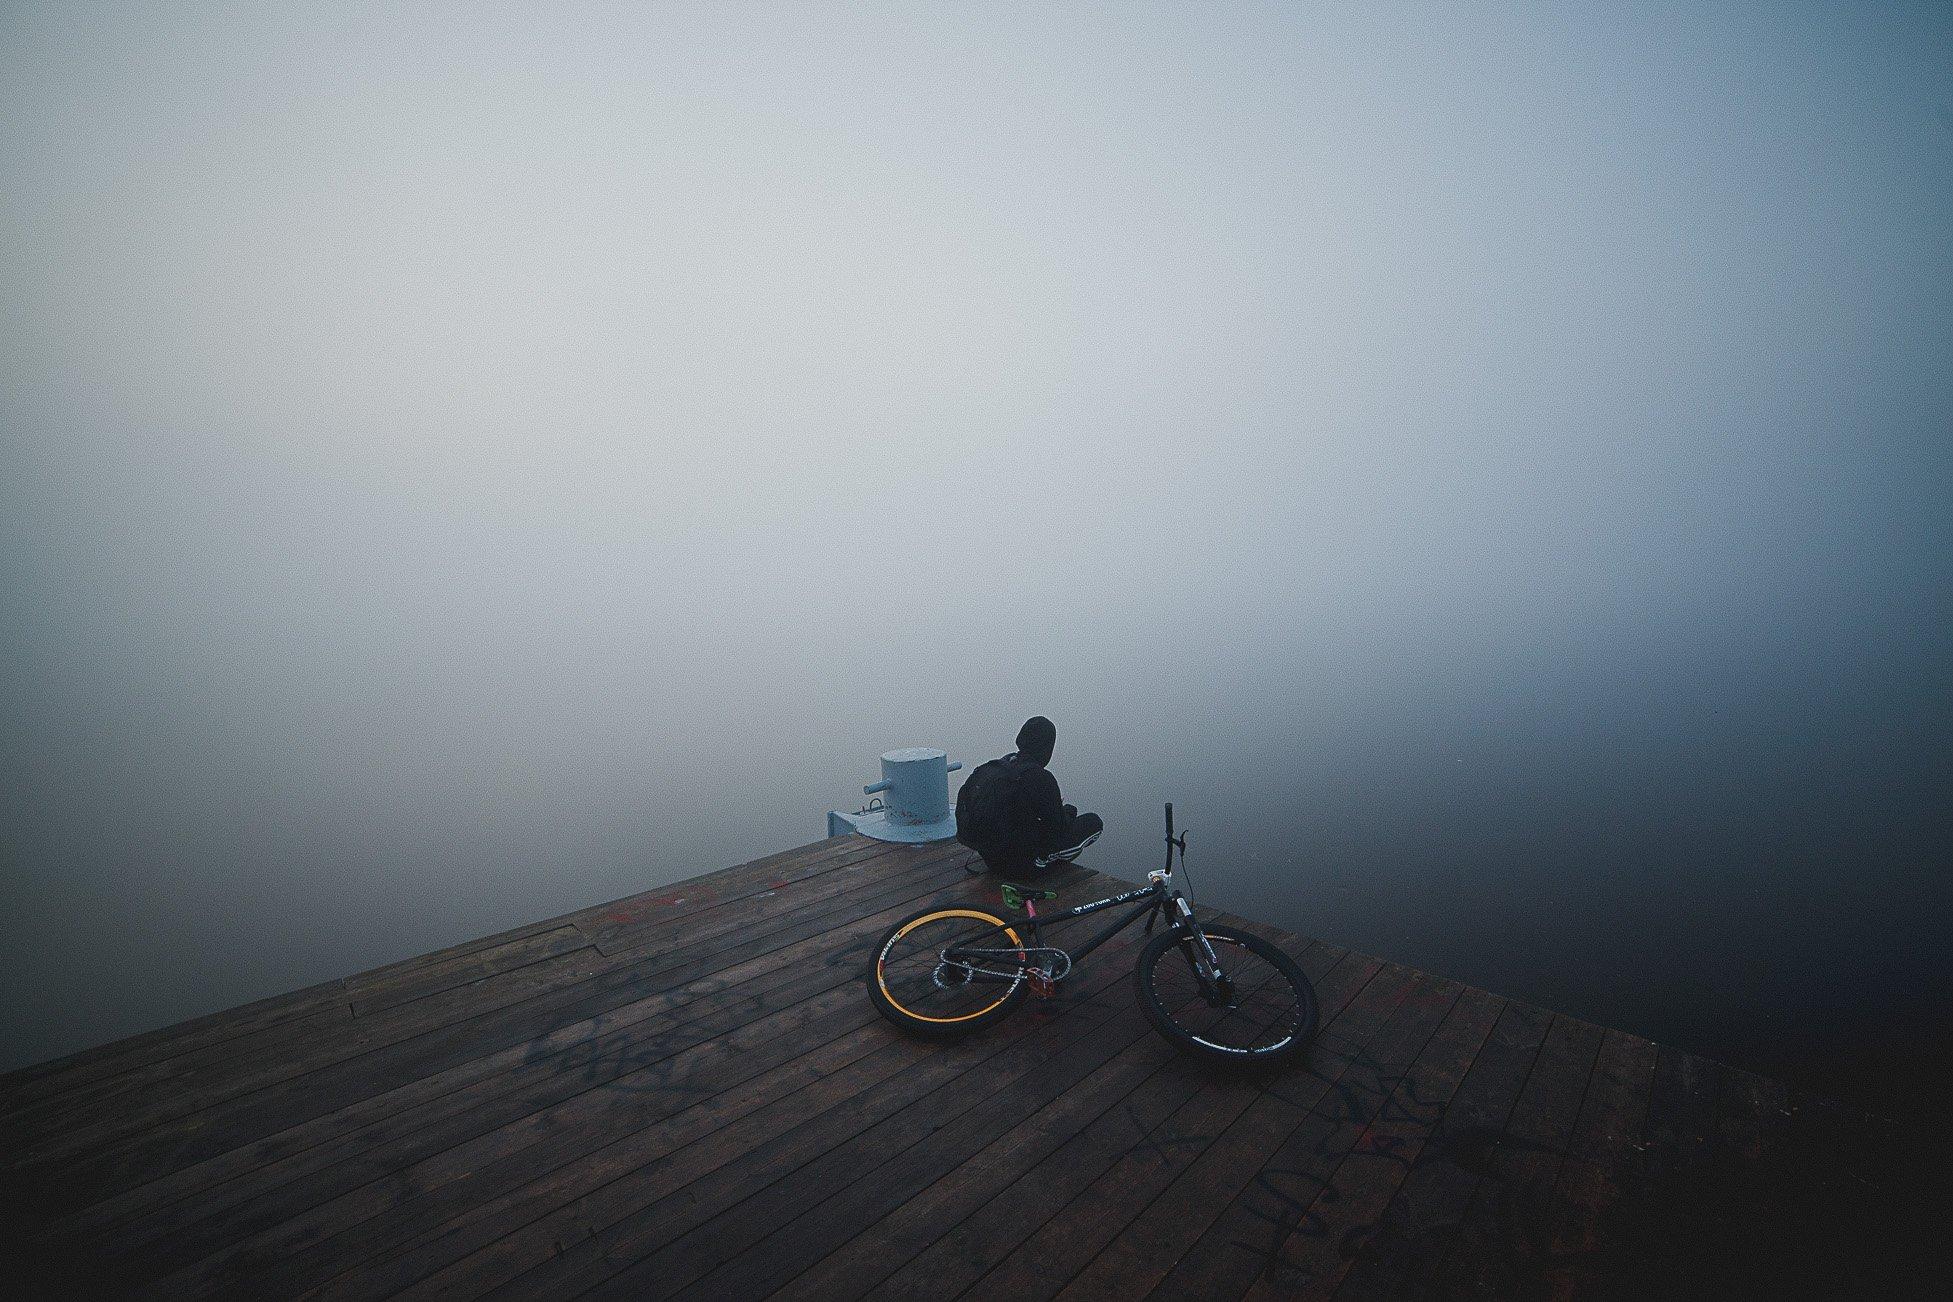 Волга, Река, Туман, Тутаев, Утро, Воронин Вова